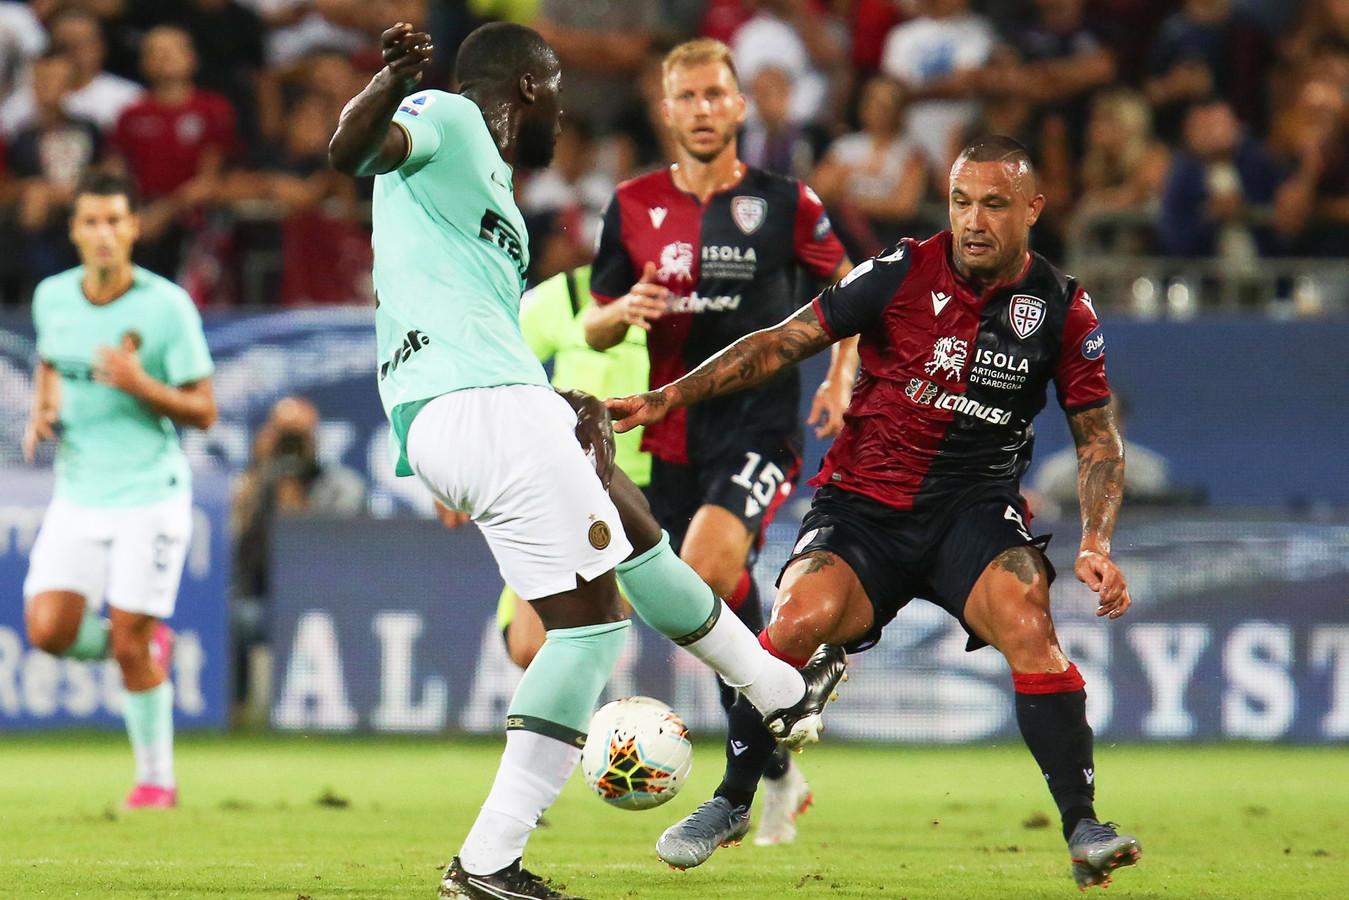 Romelu Lukaku in actie tegen Cagliari. Radja Nainggolan ziet toe hoe Lukaku de bal mist.